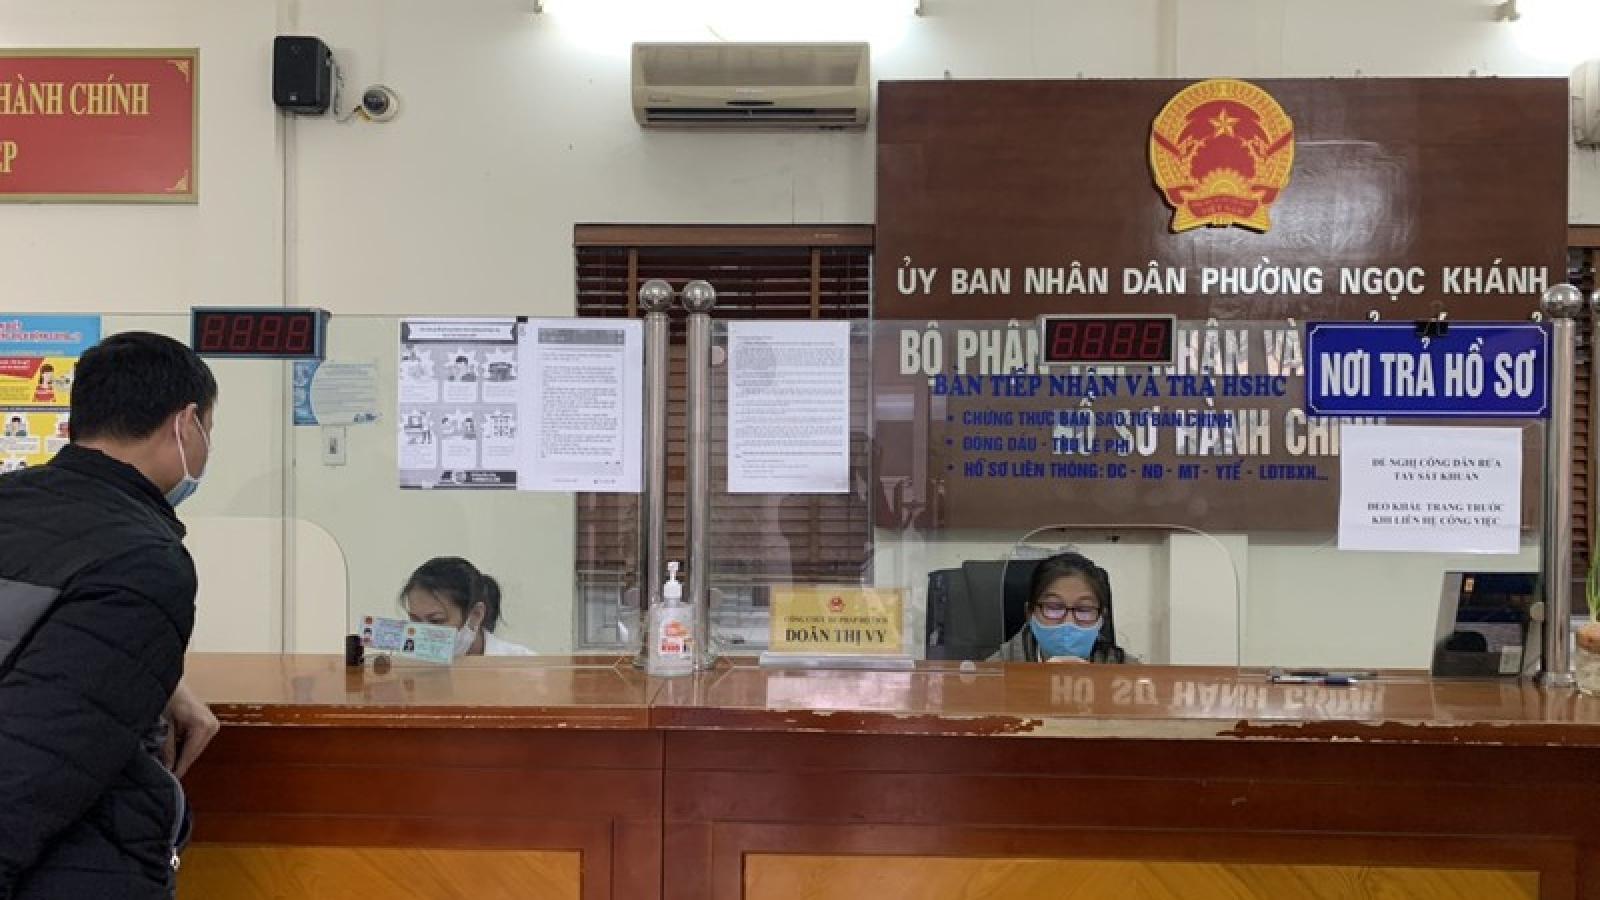 Sau lệnh nới lỏng cách ly xã hội, cơ quan công quyền Hà Nội đi làm ra sao?